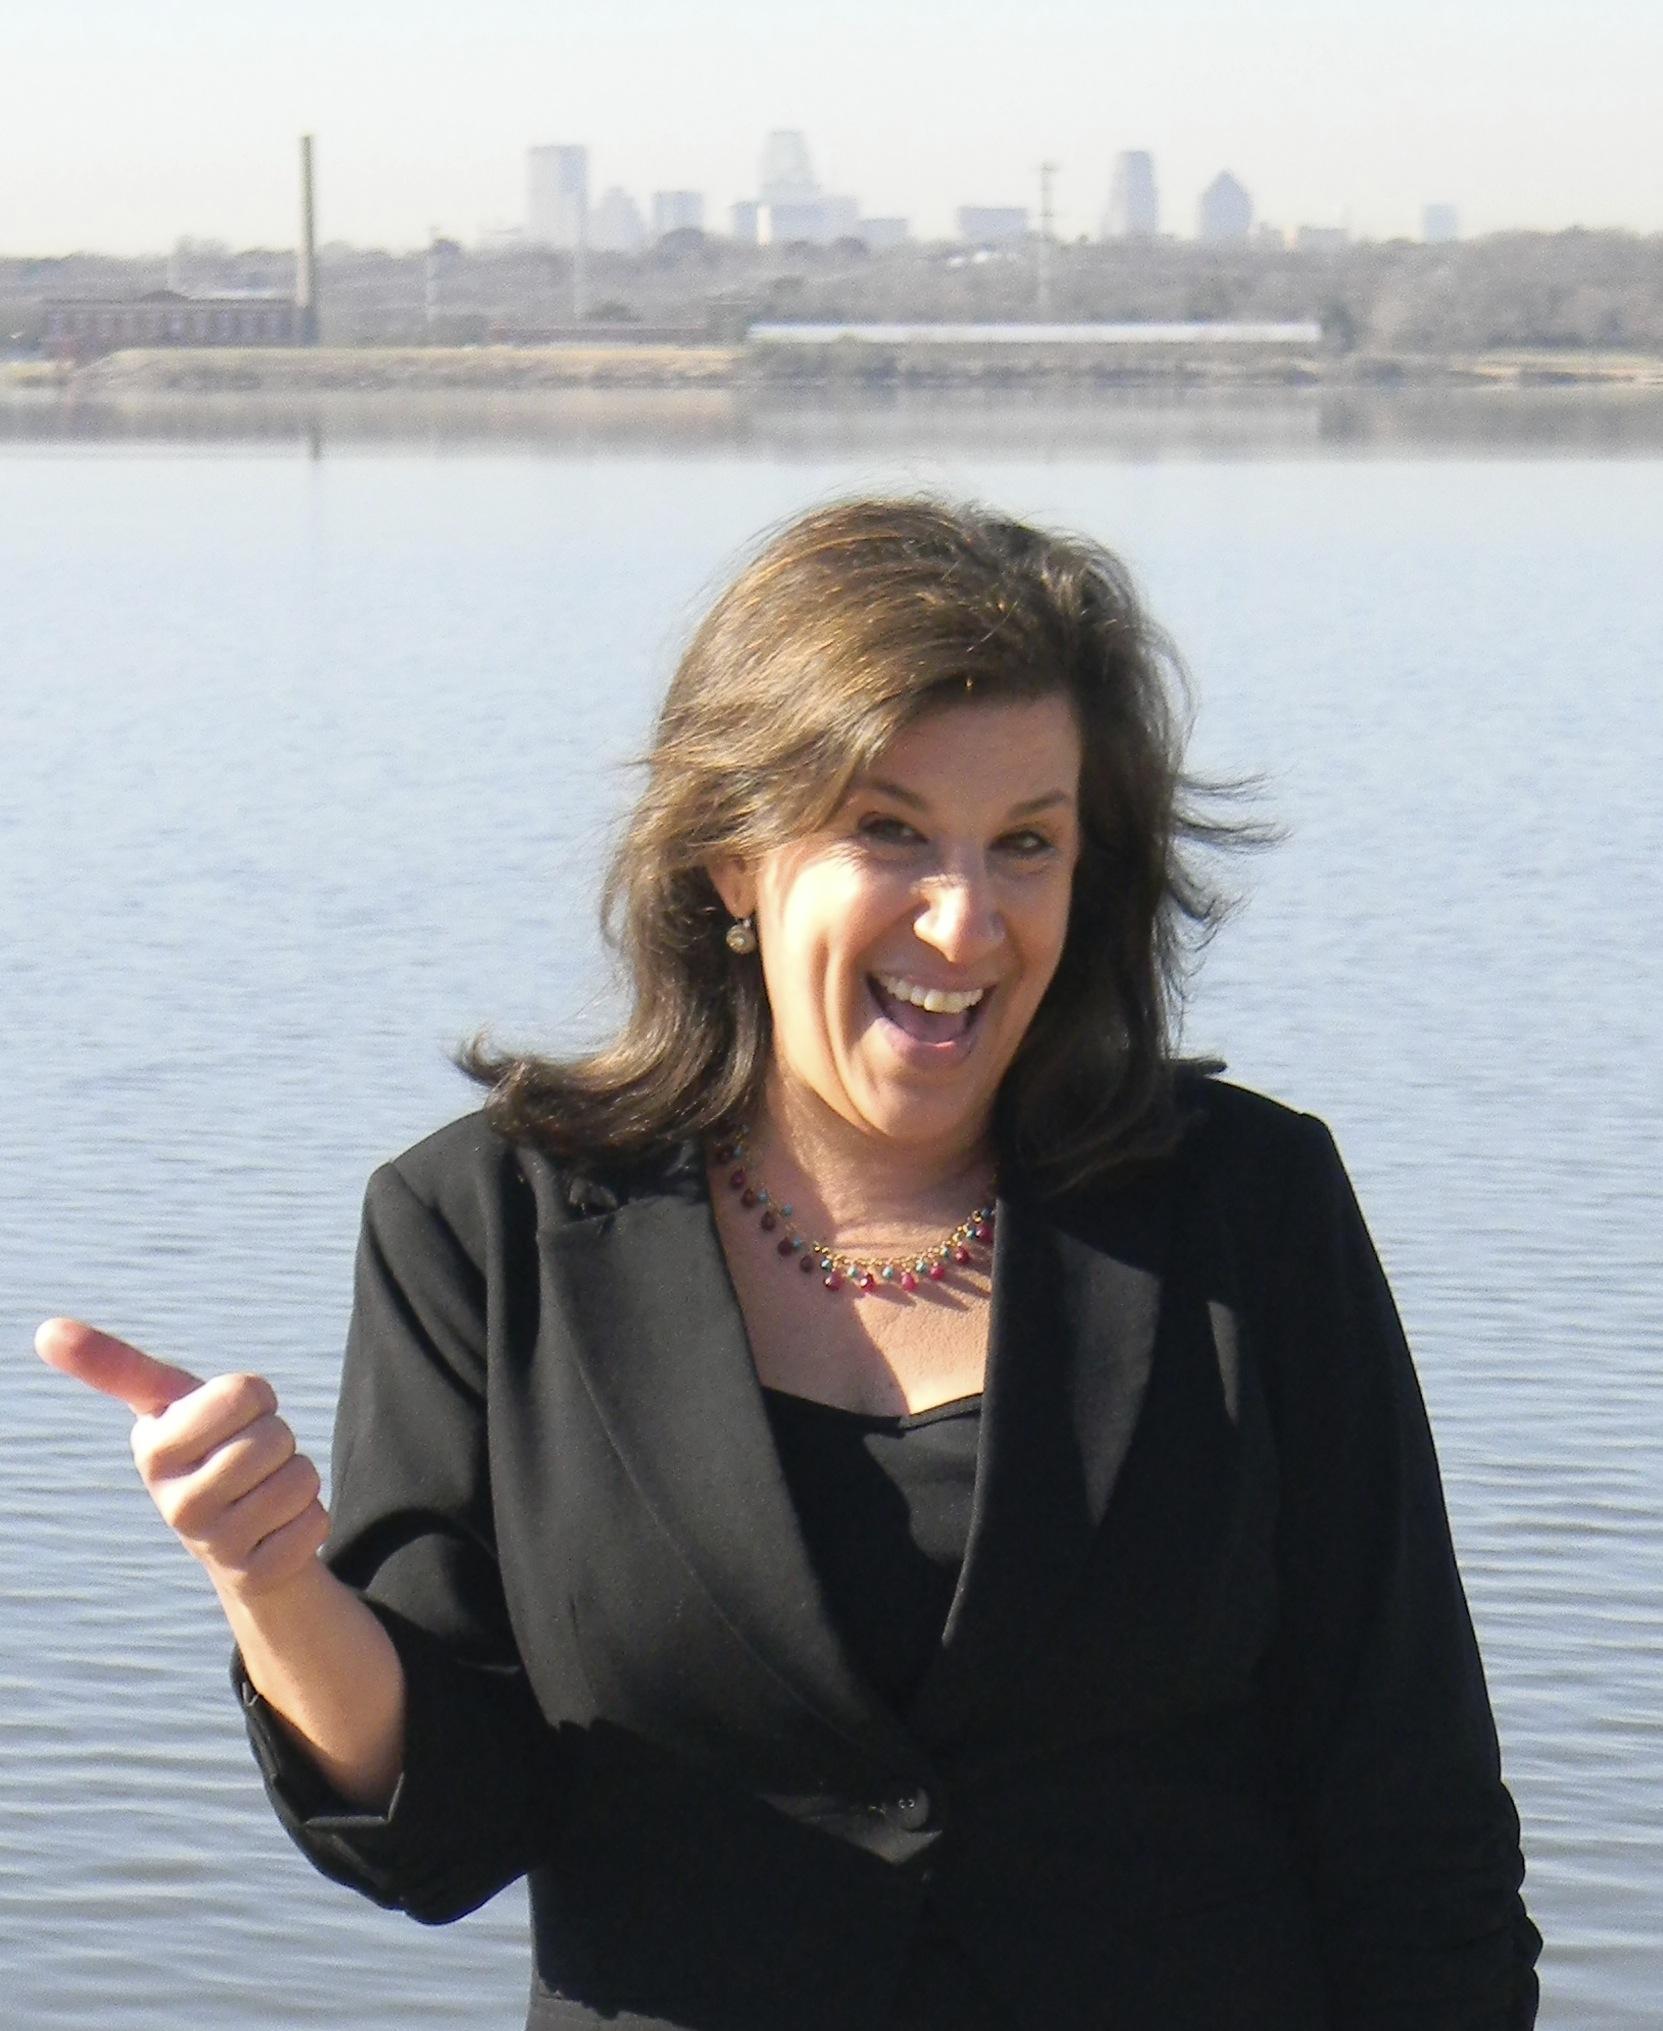 Darlene Ellison at White Rock Lake